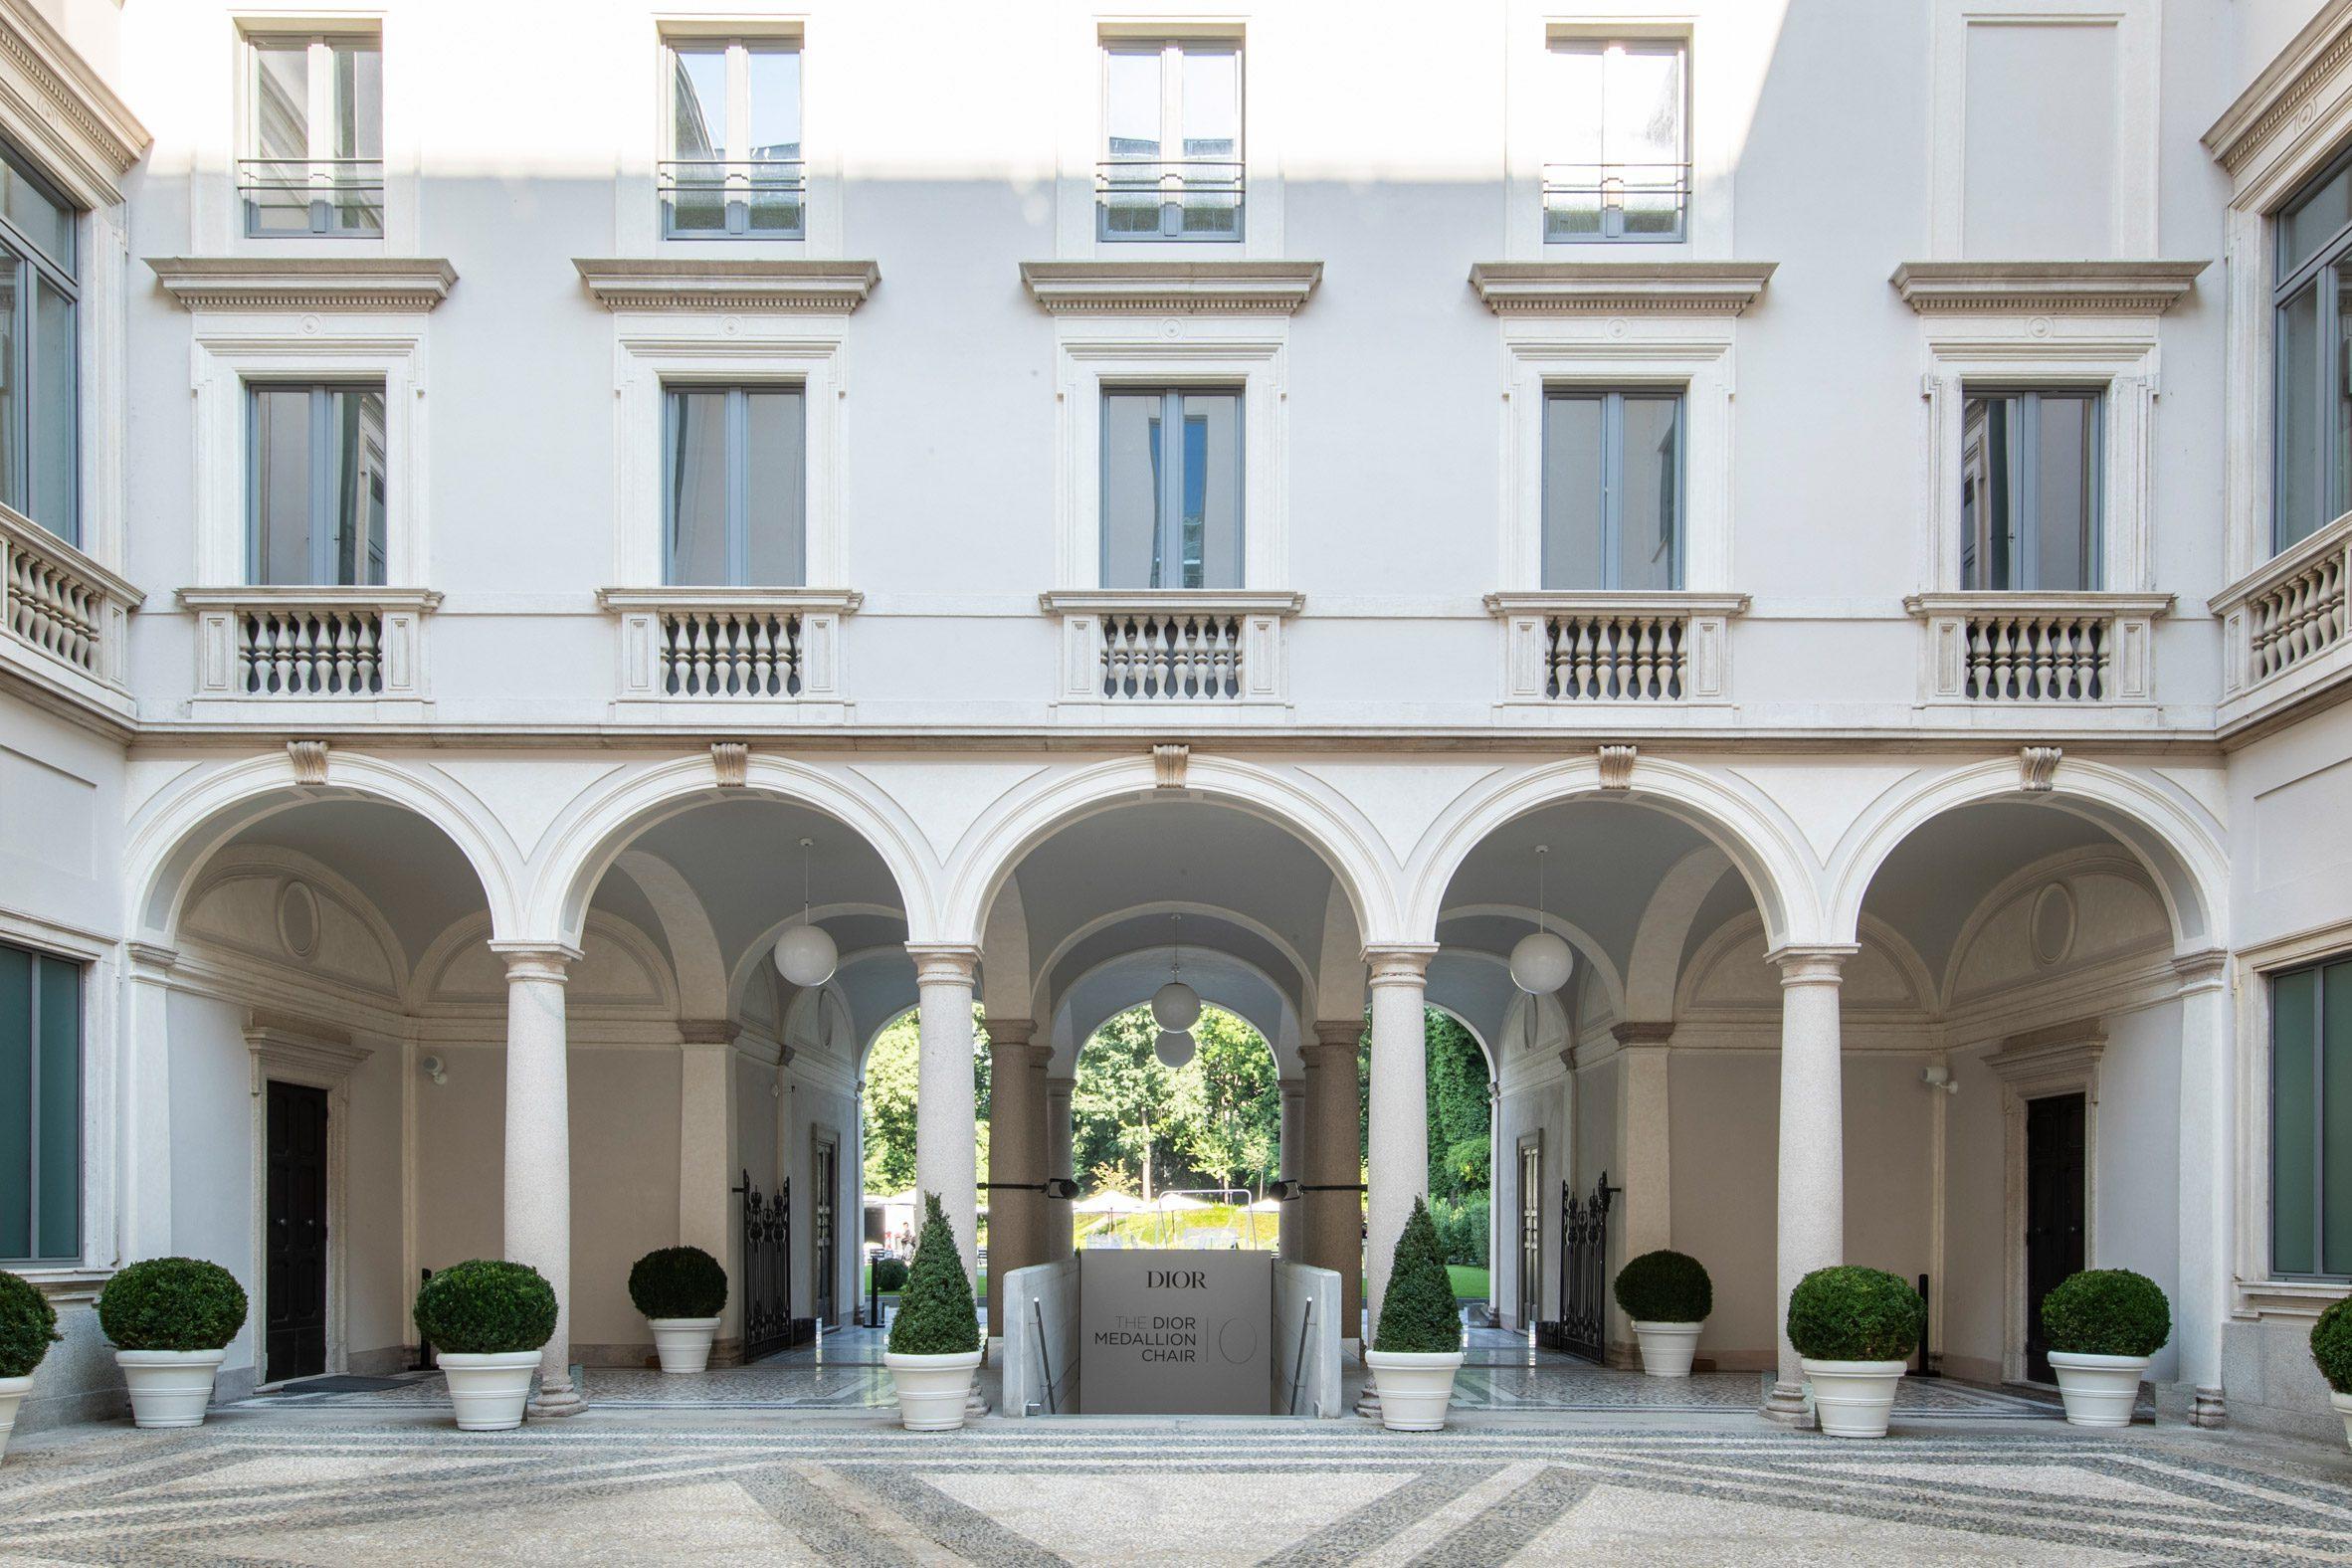 Медальон Dior в Палаццо Читтерио в Милане